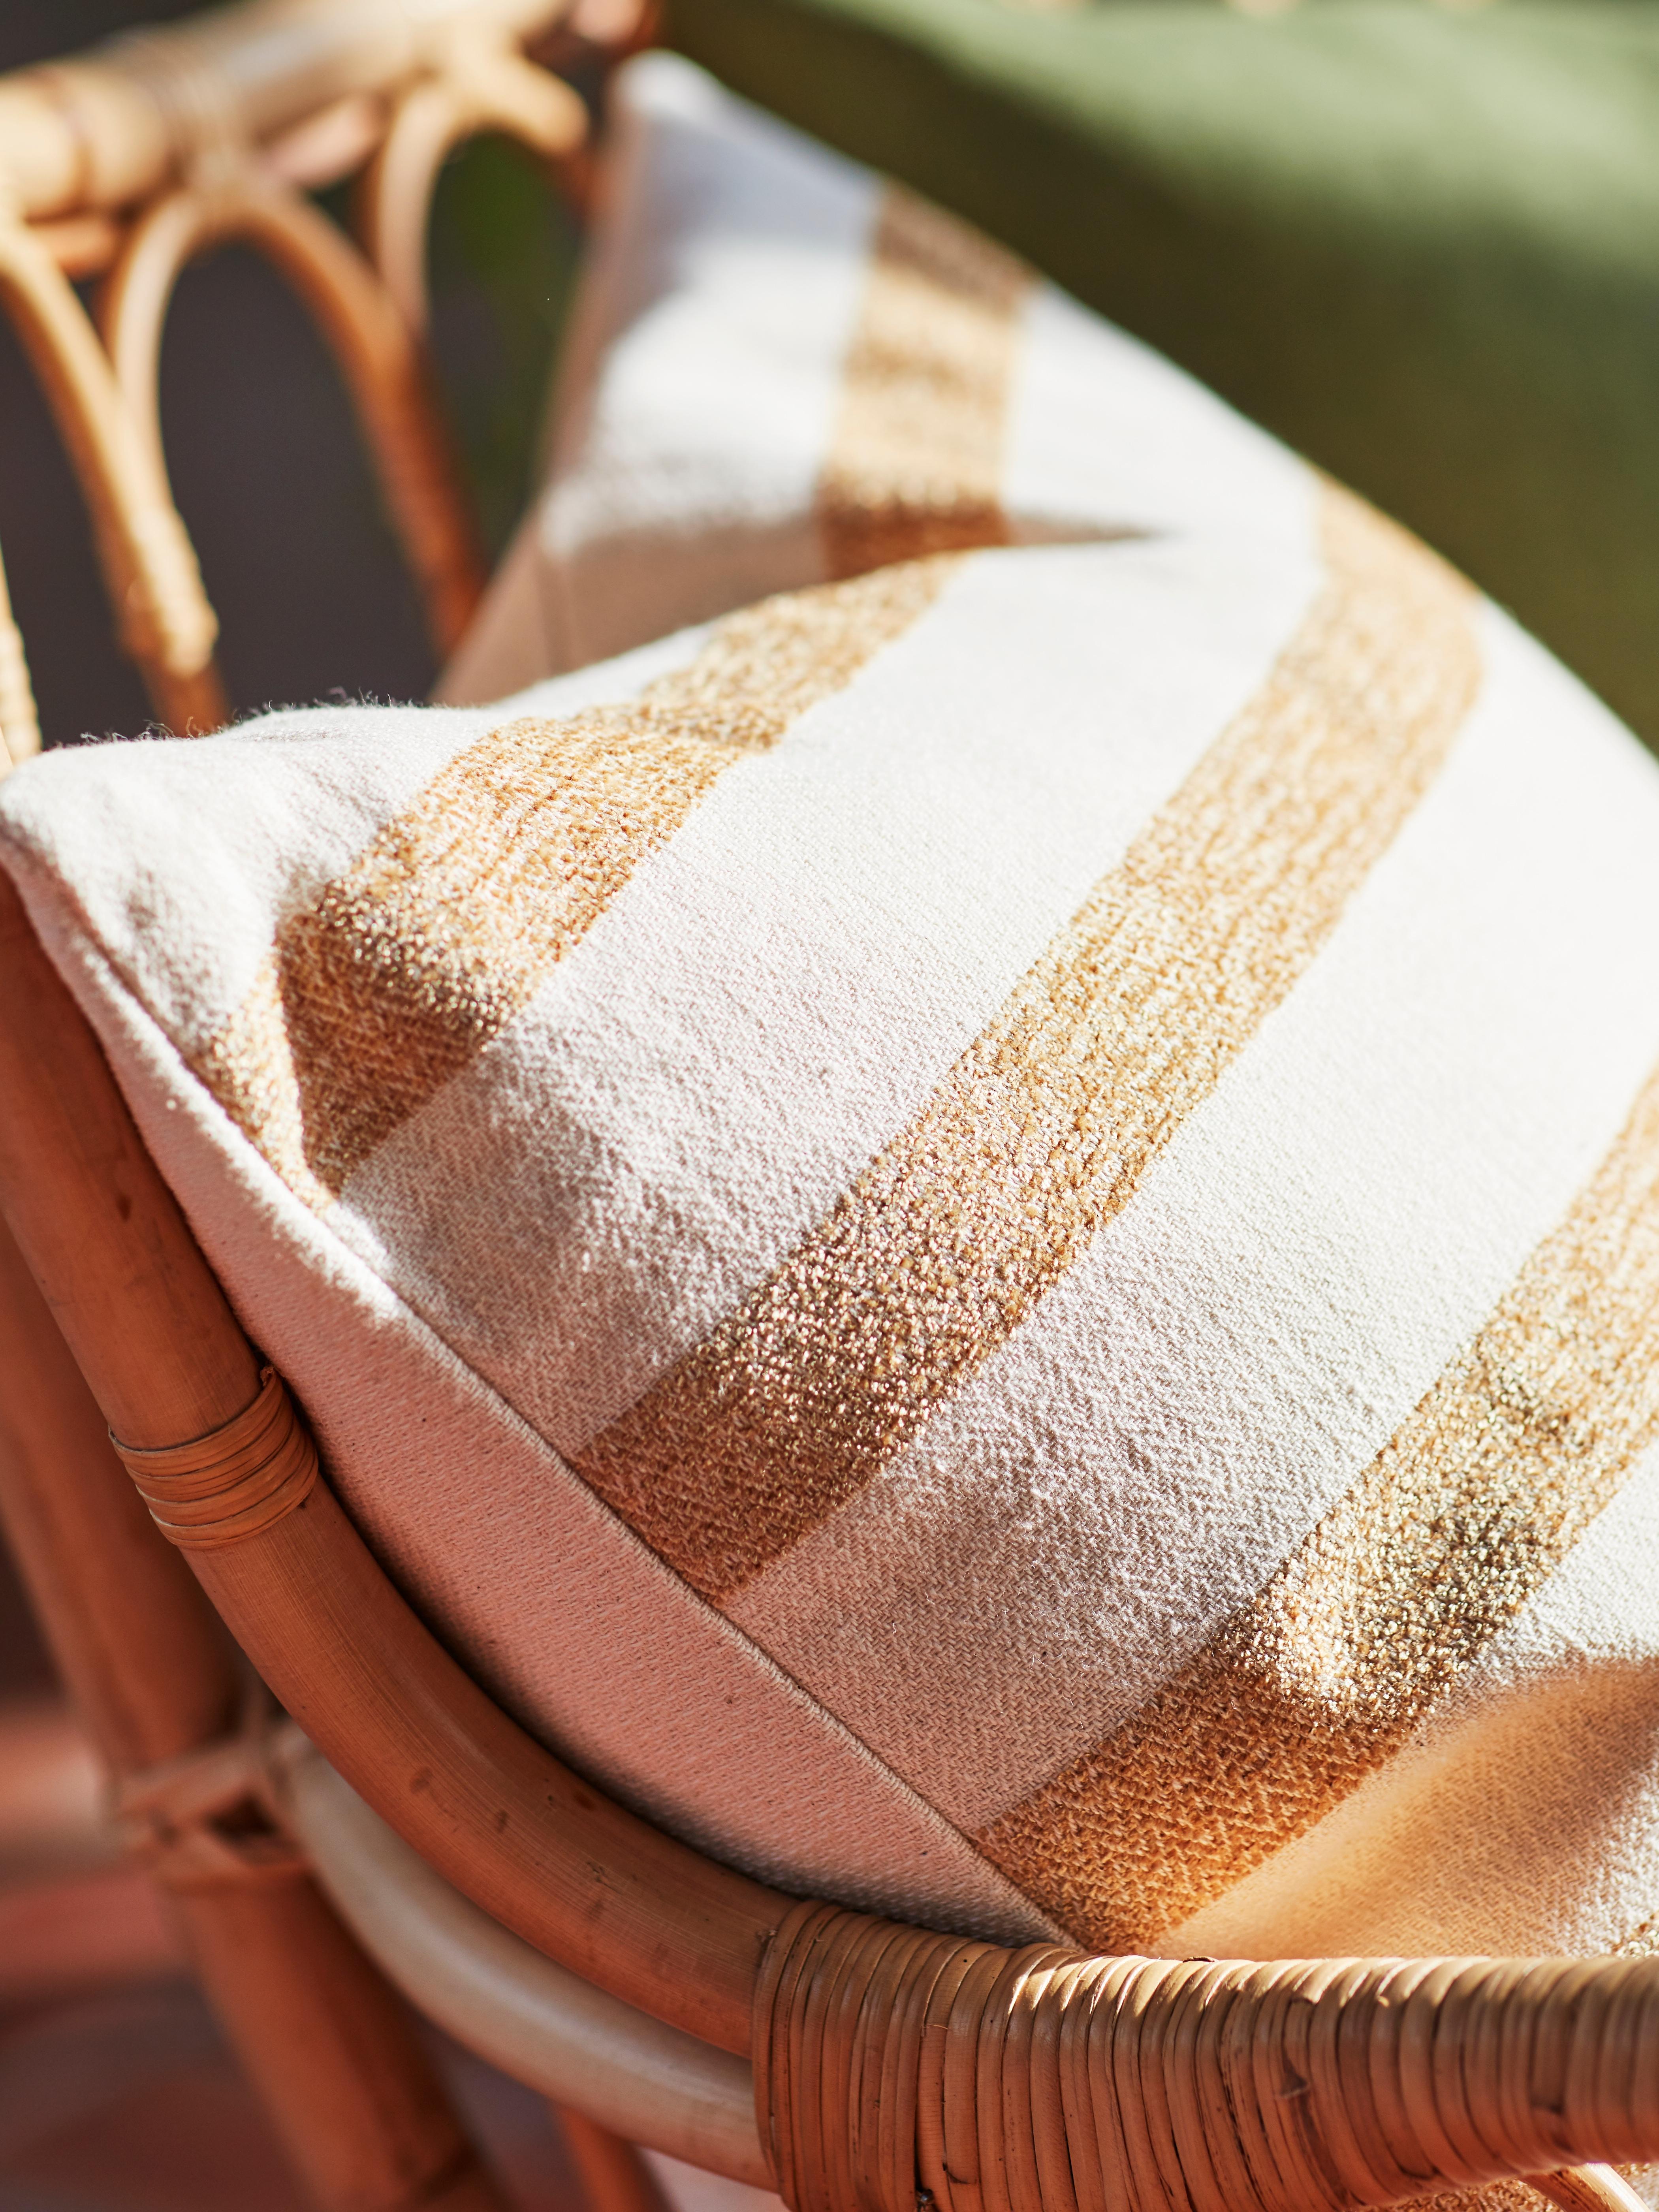 Krupni plan kuta prirodnog zlatnožutog/prugastog KNIPPARV ukrasnog jastuka, s mekanom, ali nepravilnom teksturom.